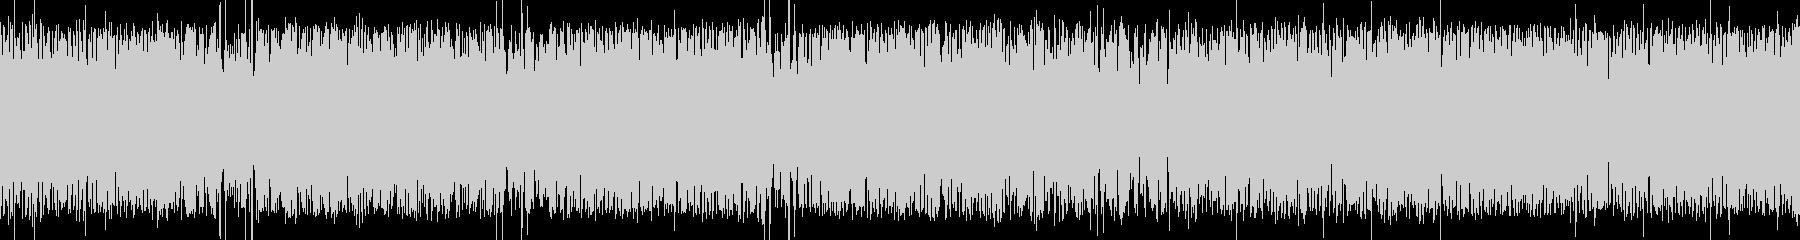 蒸気機関車(SL)の走行音(ドイツ)の未再生の波形